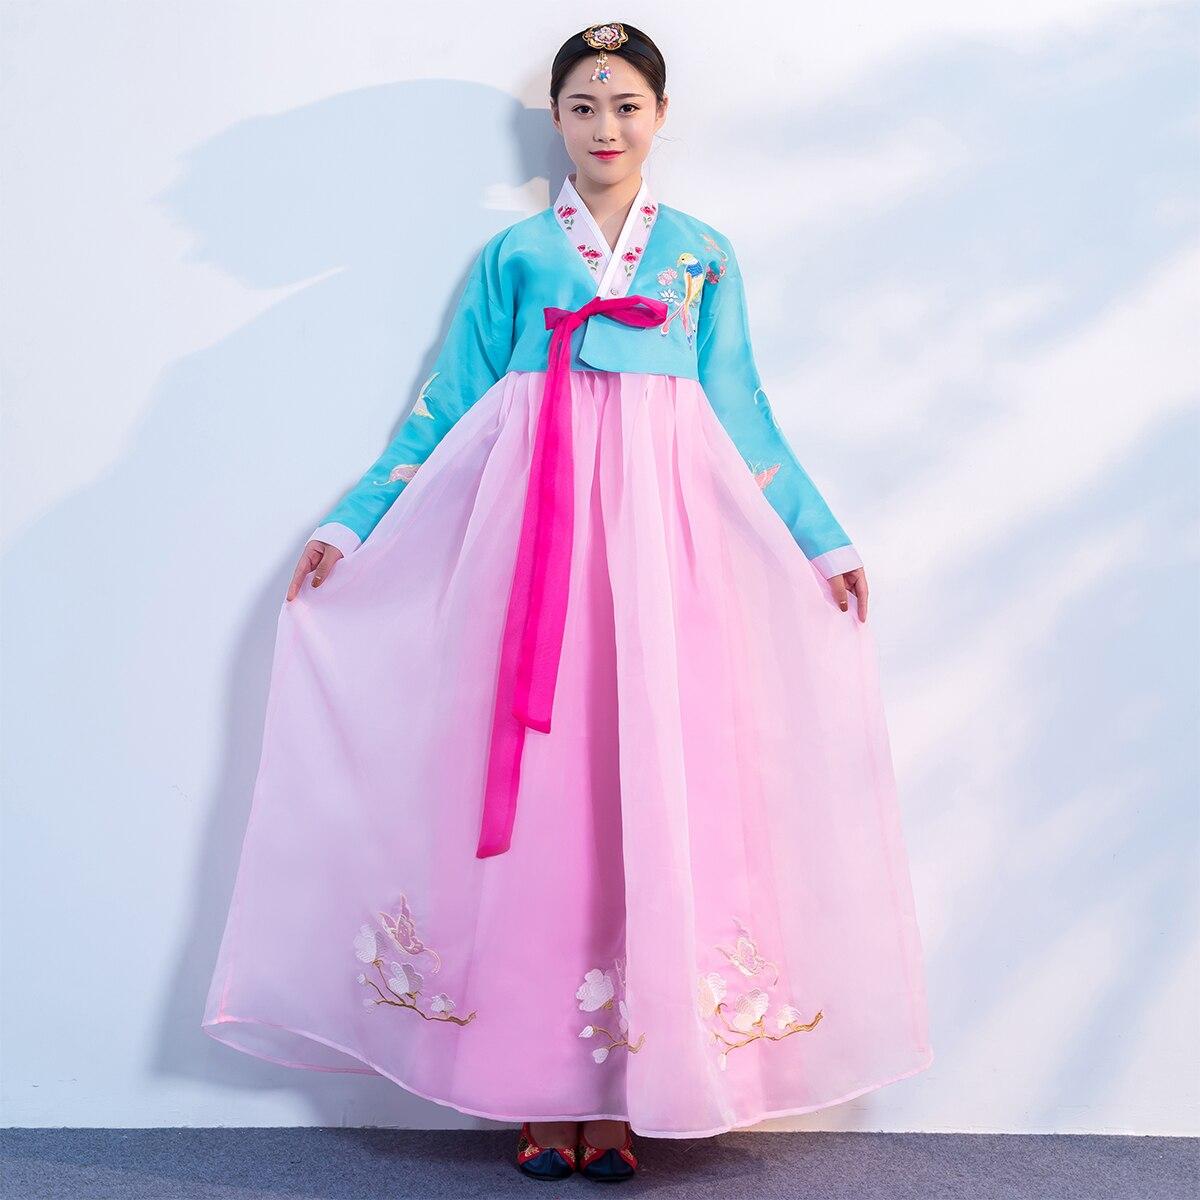 Increíble Trajes De Novia Coreano Composición - Colección de ...